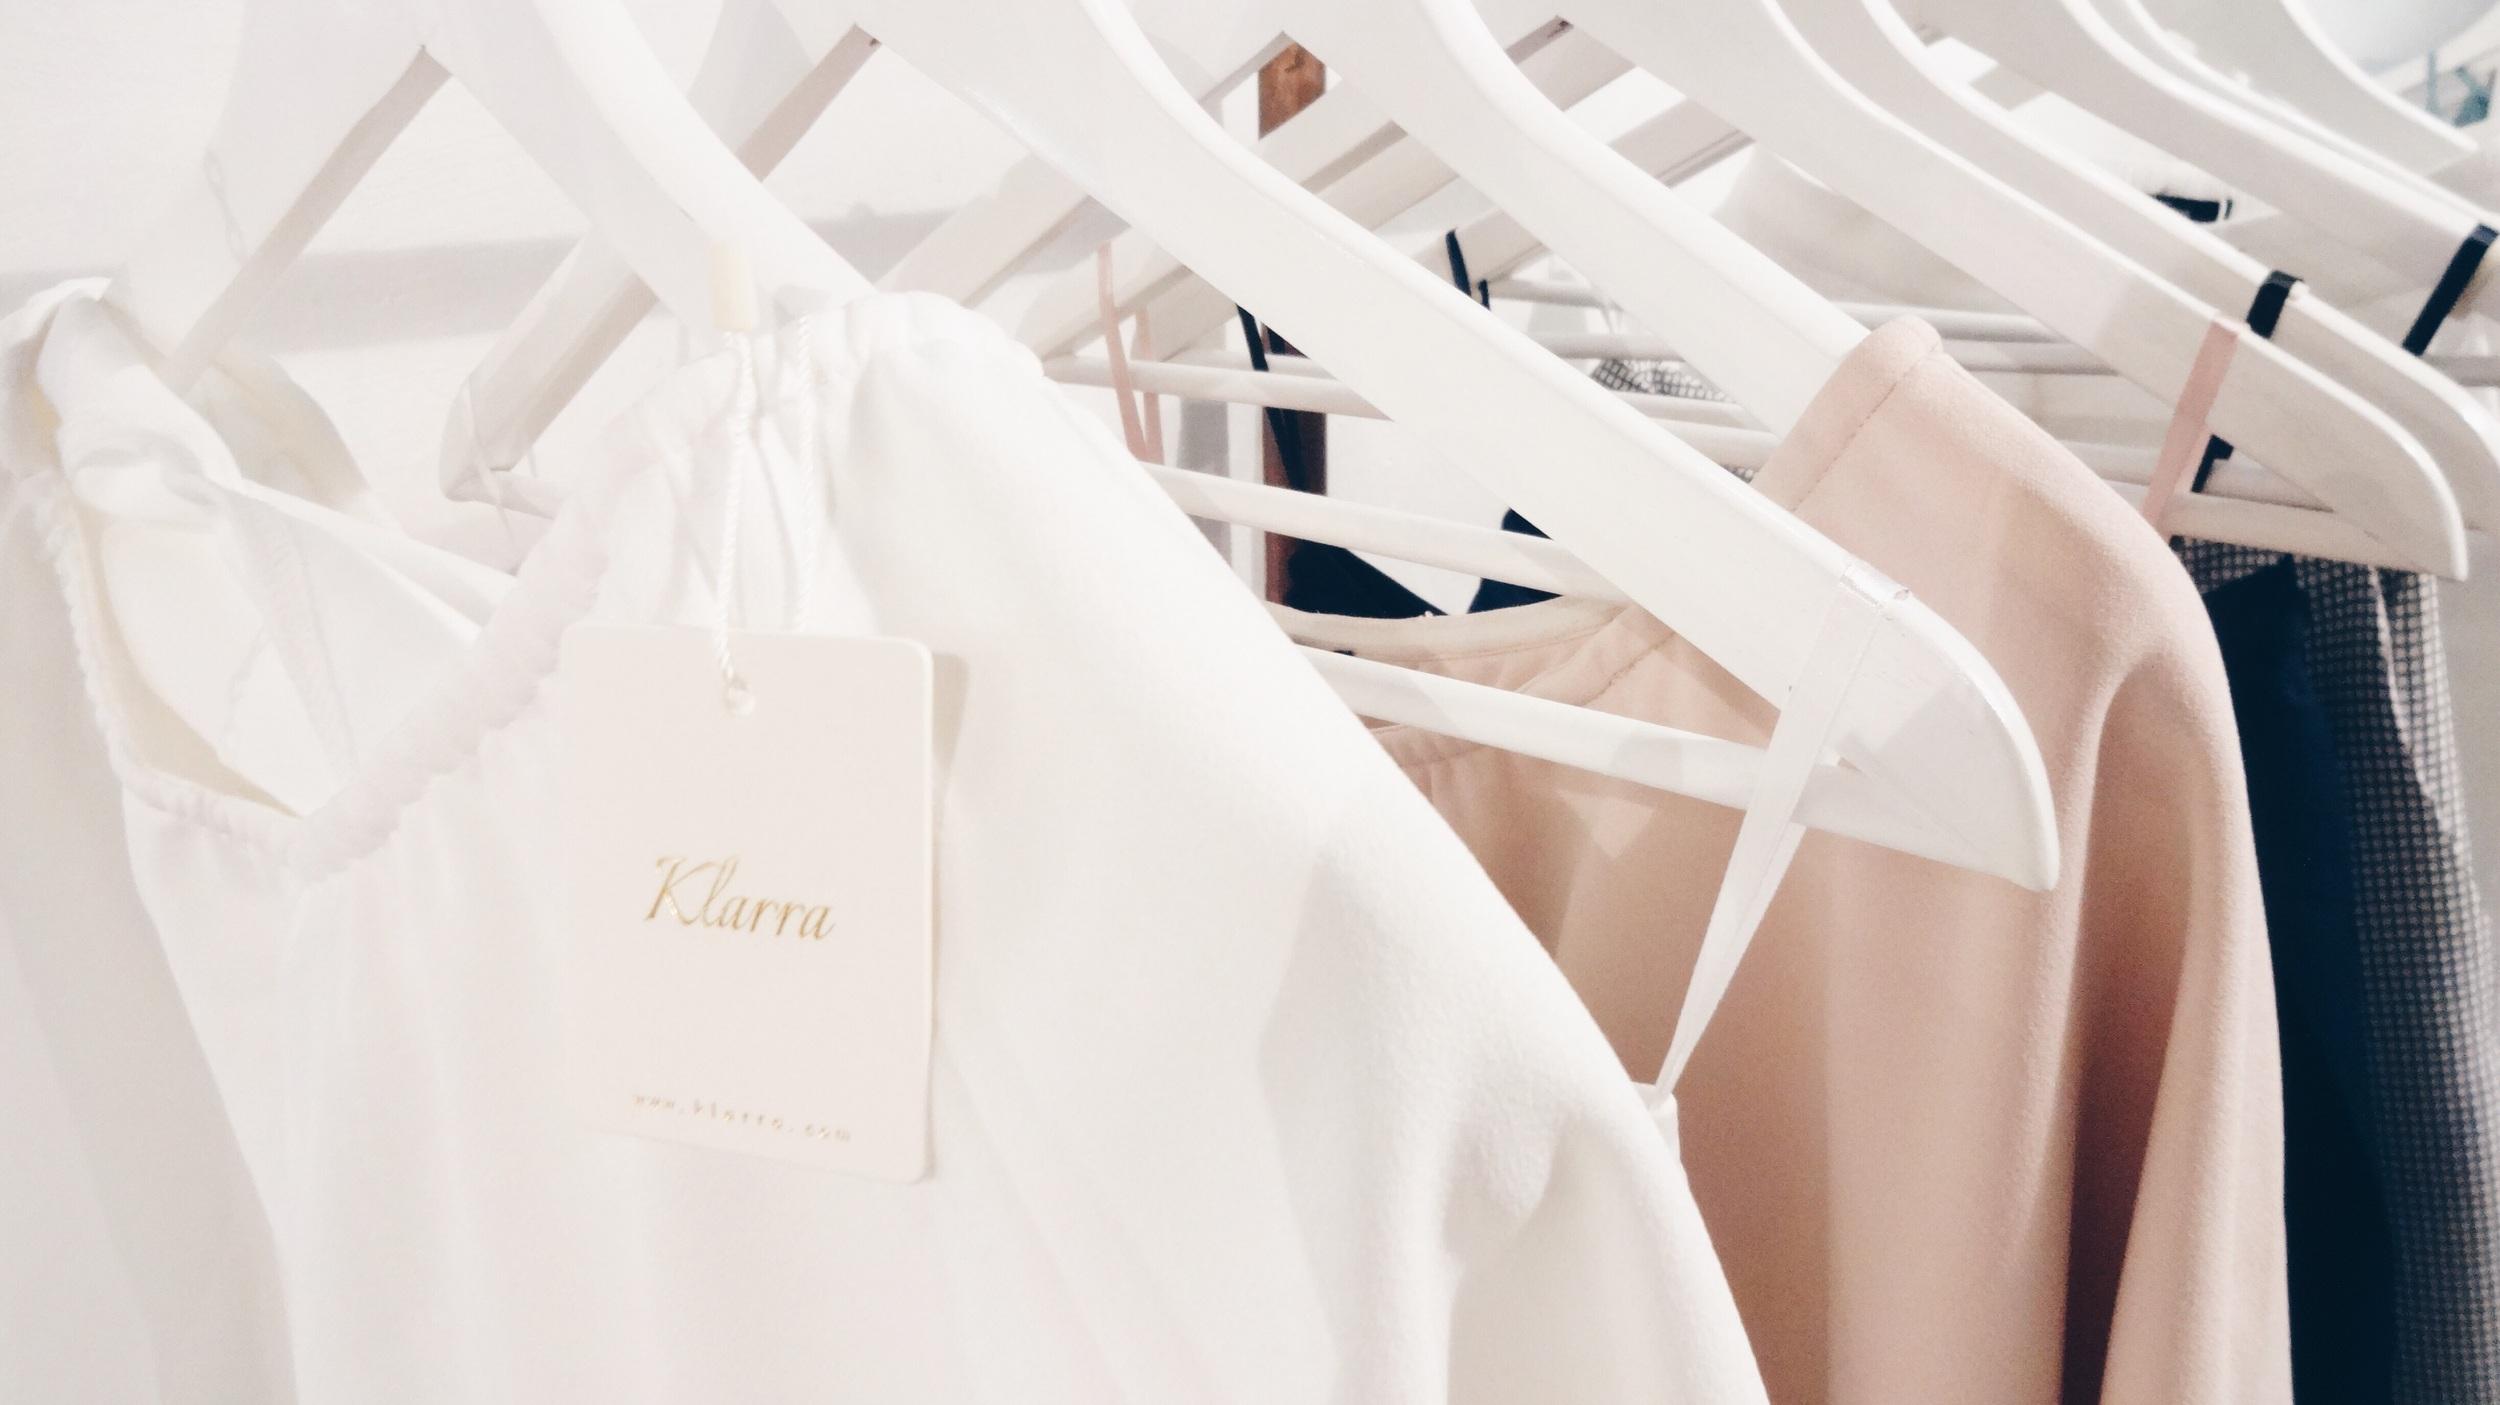 Klarra Spring-Summer Showcase 2015